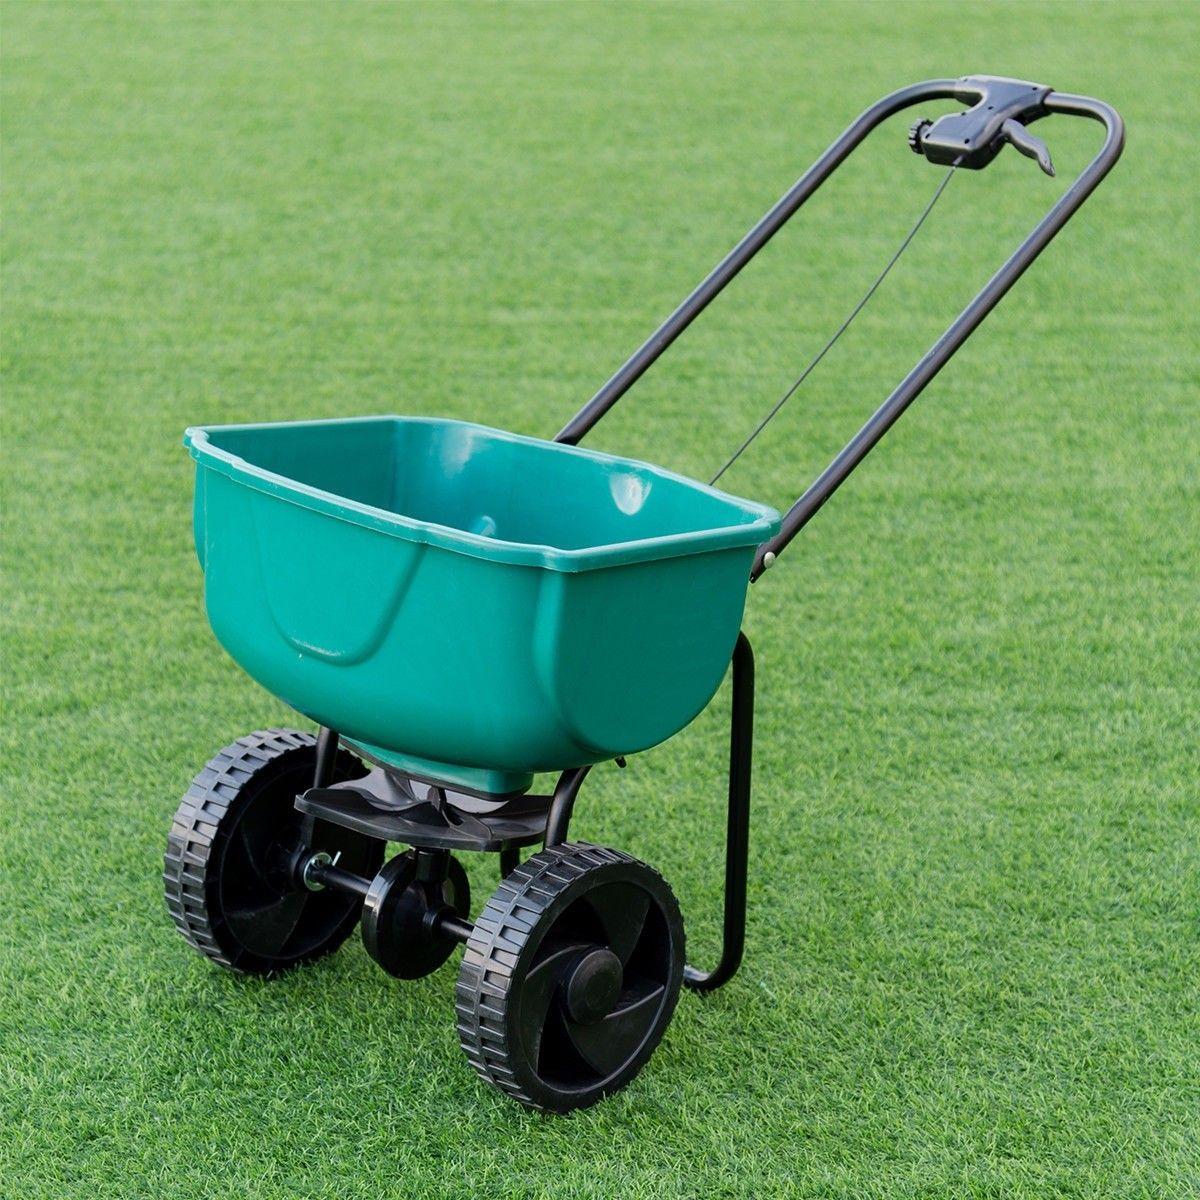 Garden Seeder Push Walk Behind Fertilizer Broadcast Spreader With